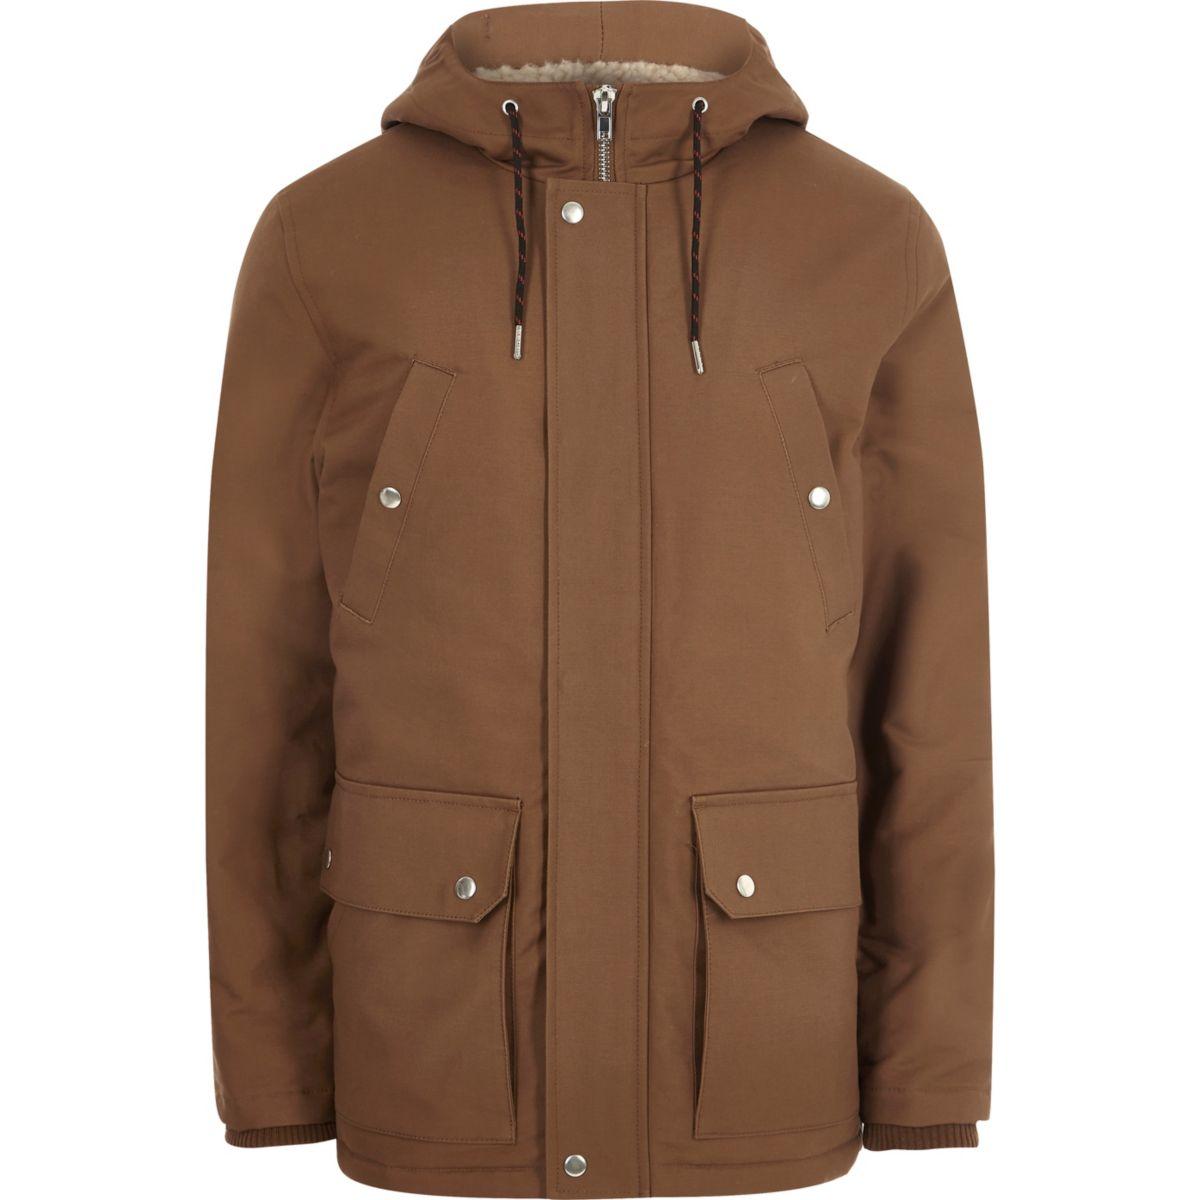 Veste marron à capuche avec doublure imitation mouton